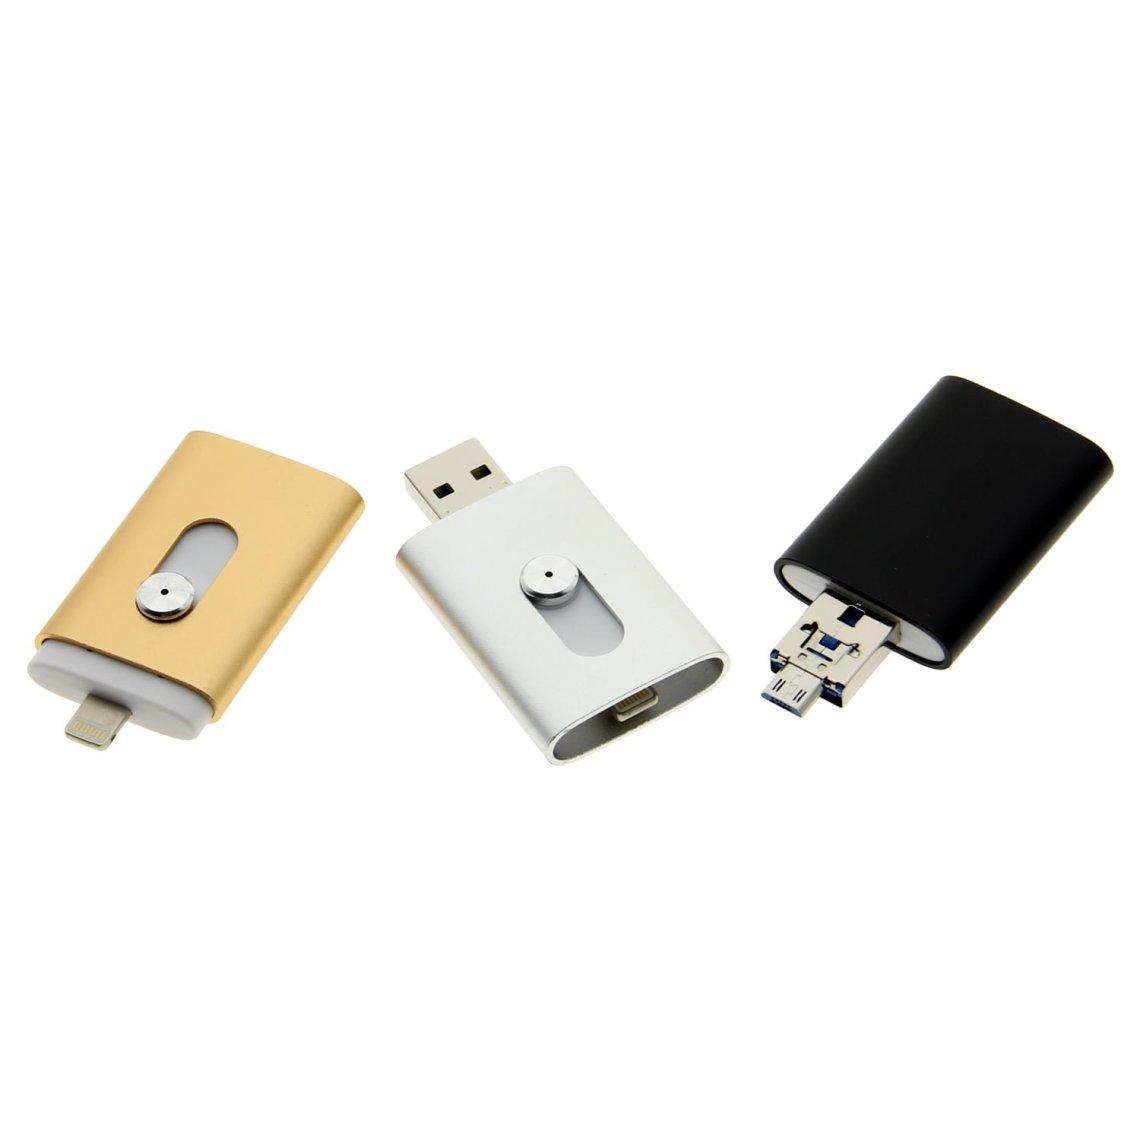 OT006 3 in 1 Apple OTG USB Drive